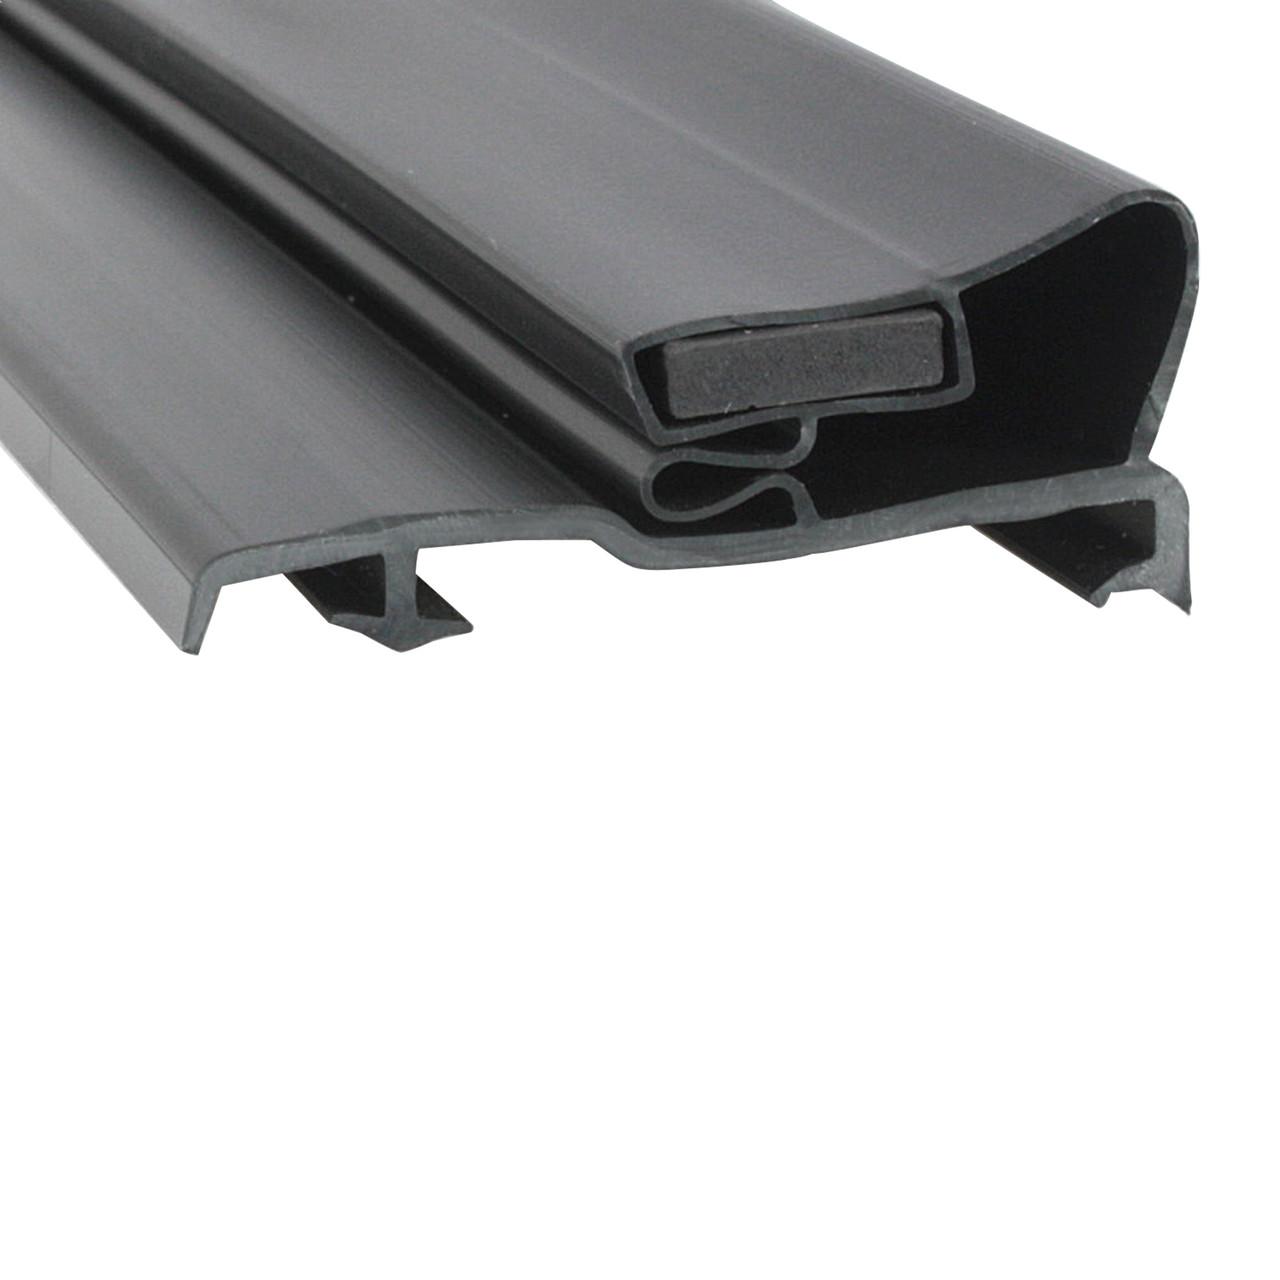 Ardco Door Gasket Profile 290 23 1/4 x 54